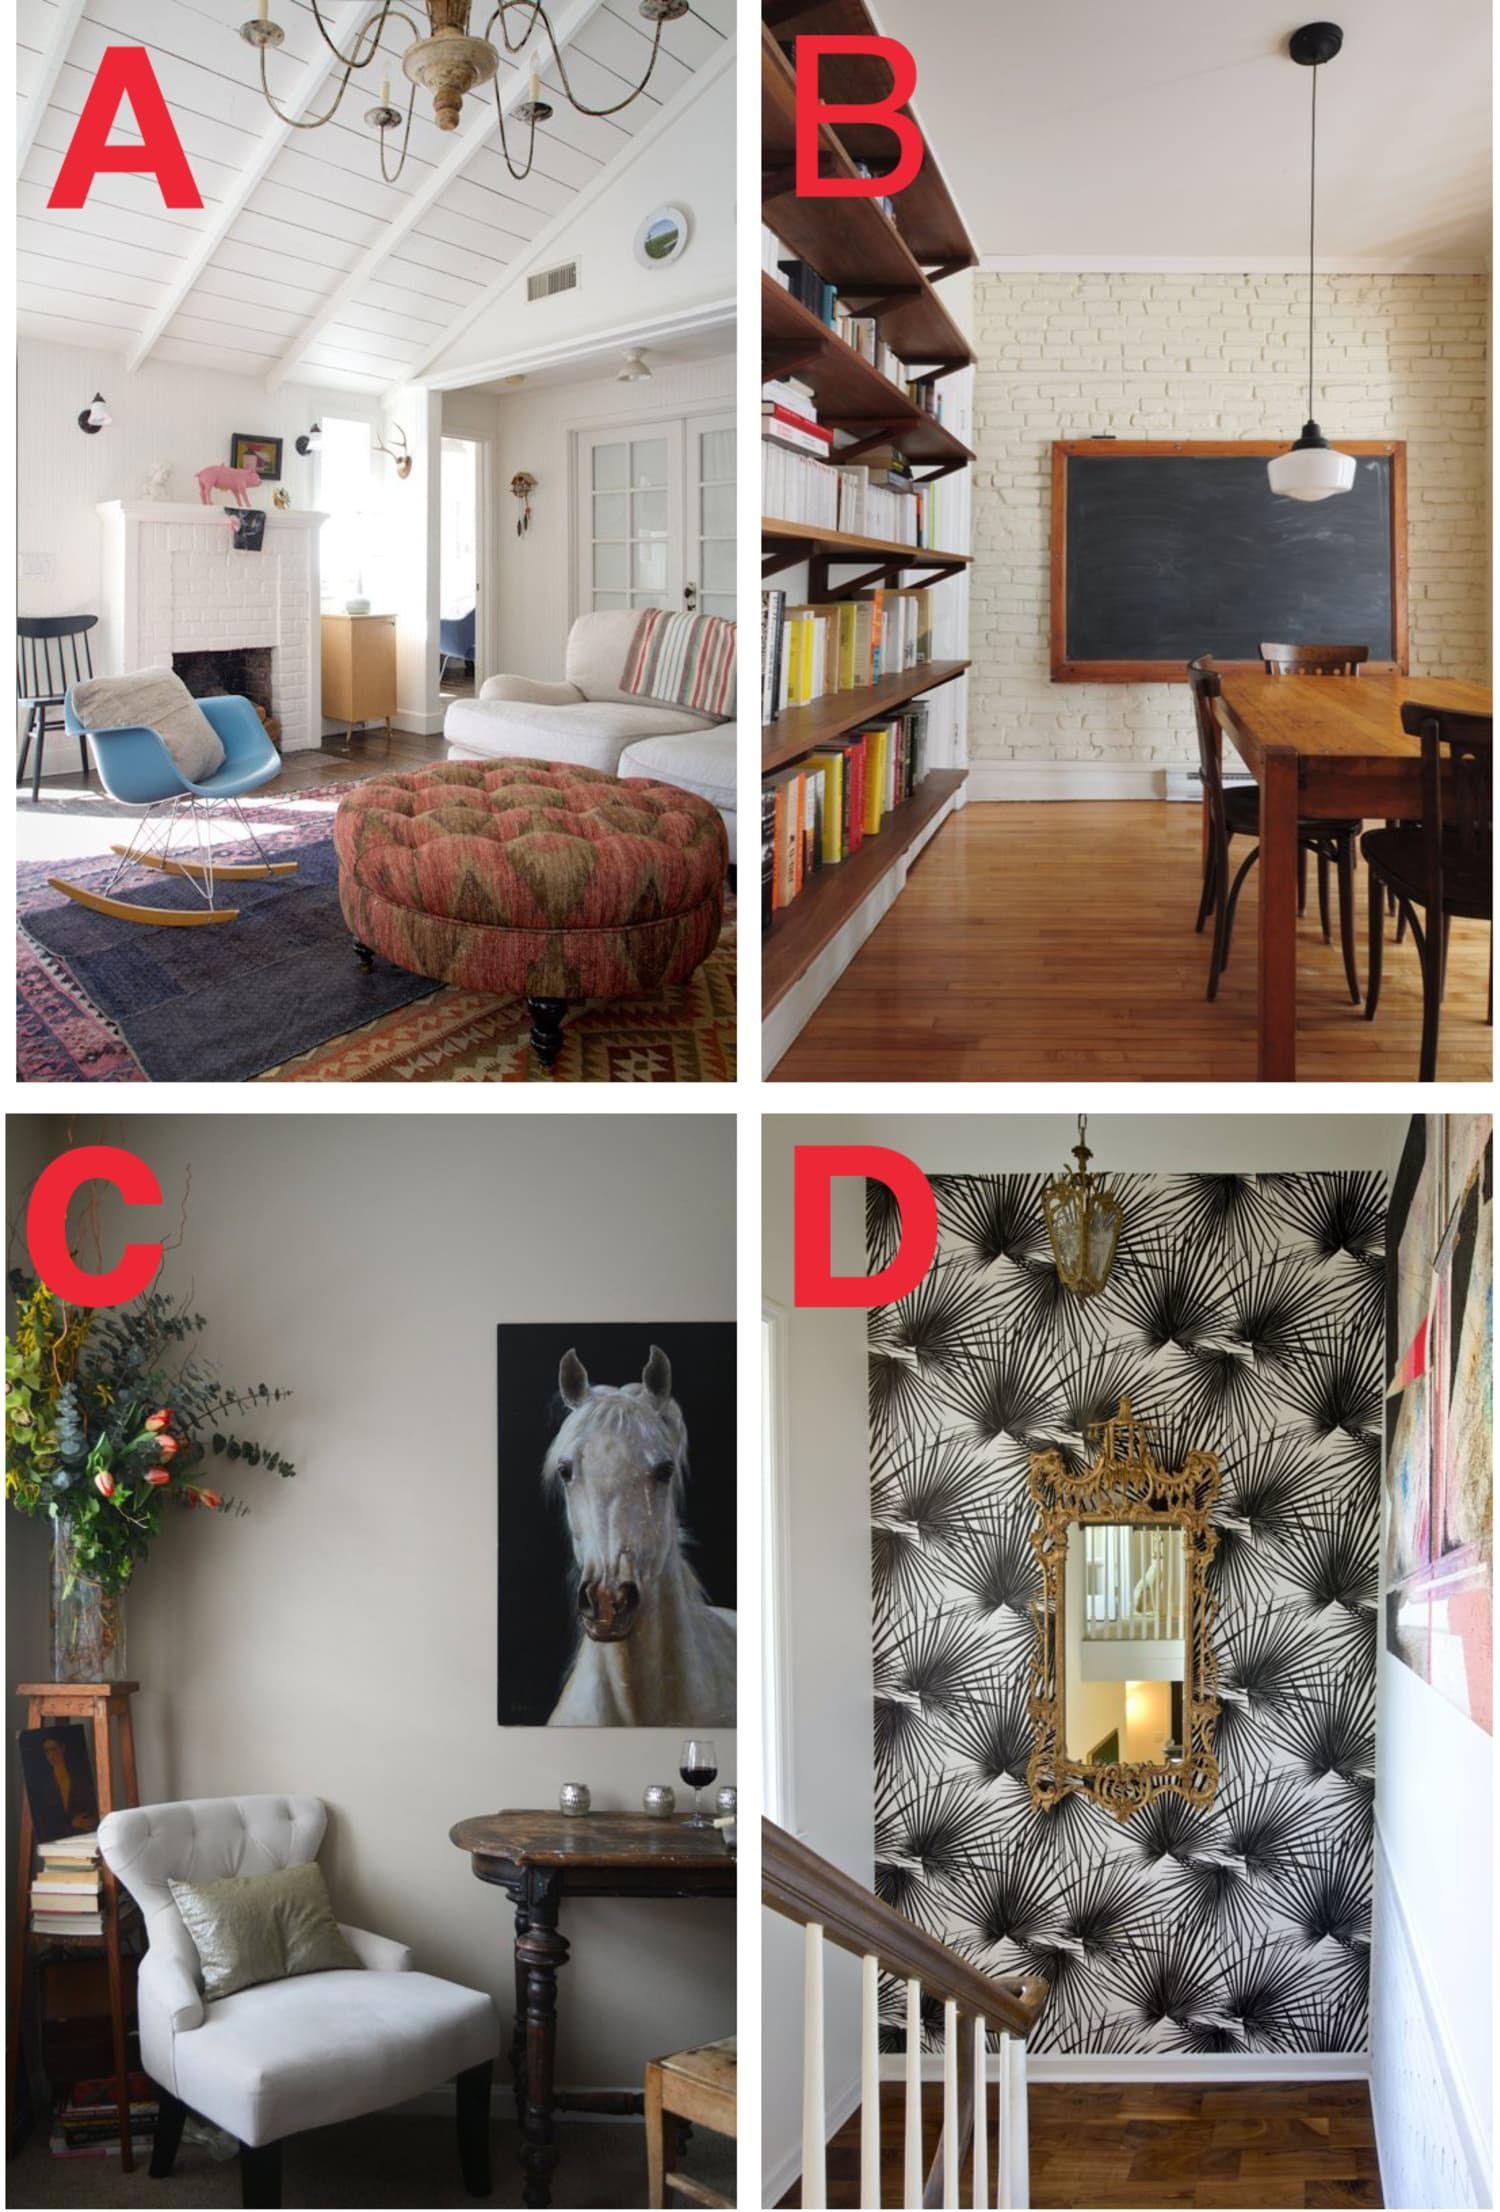 apartment decorating style quiz